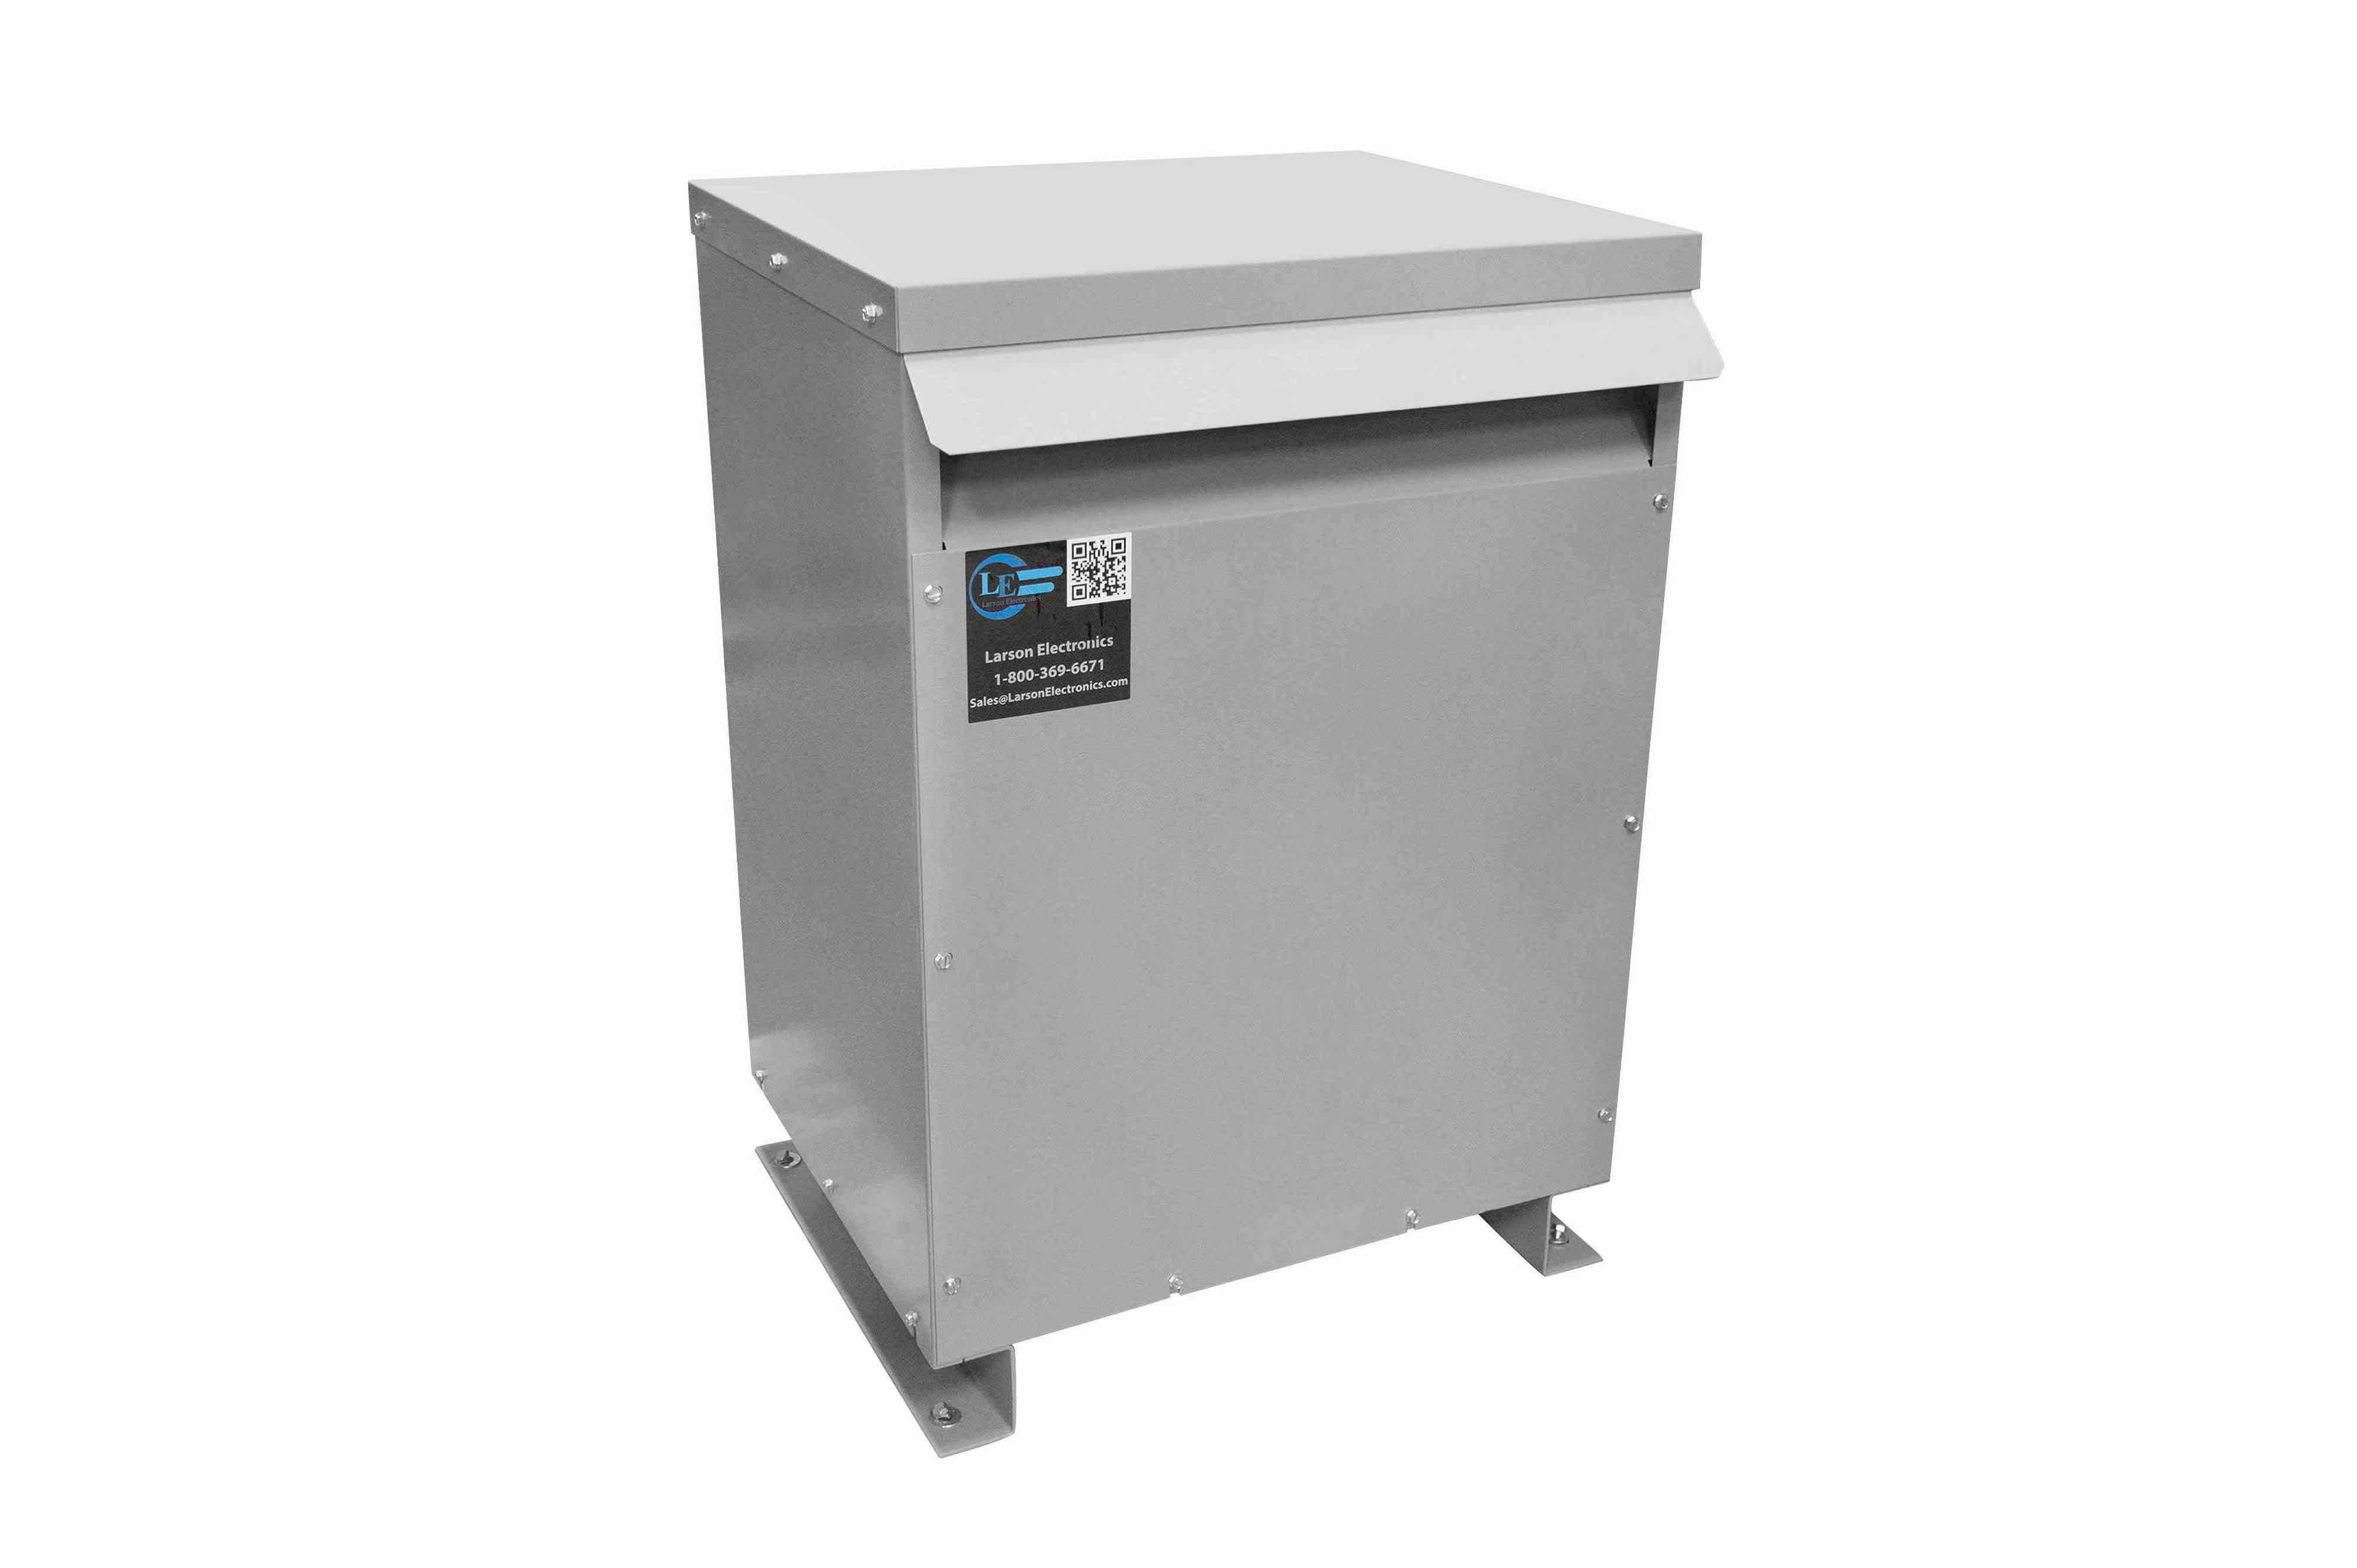 500 kVA 3PH Isolation Transformer, 480V Delta Primary, 480V Delta Secondary, N3R, Ventilated, 60 Hz